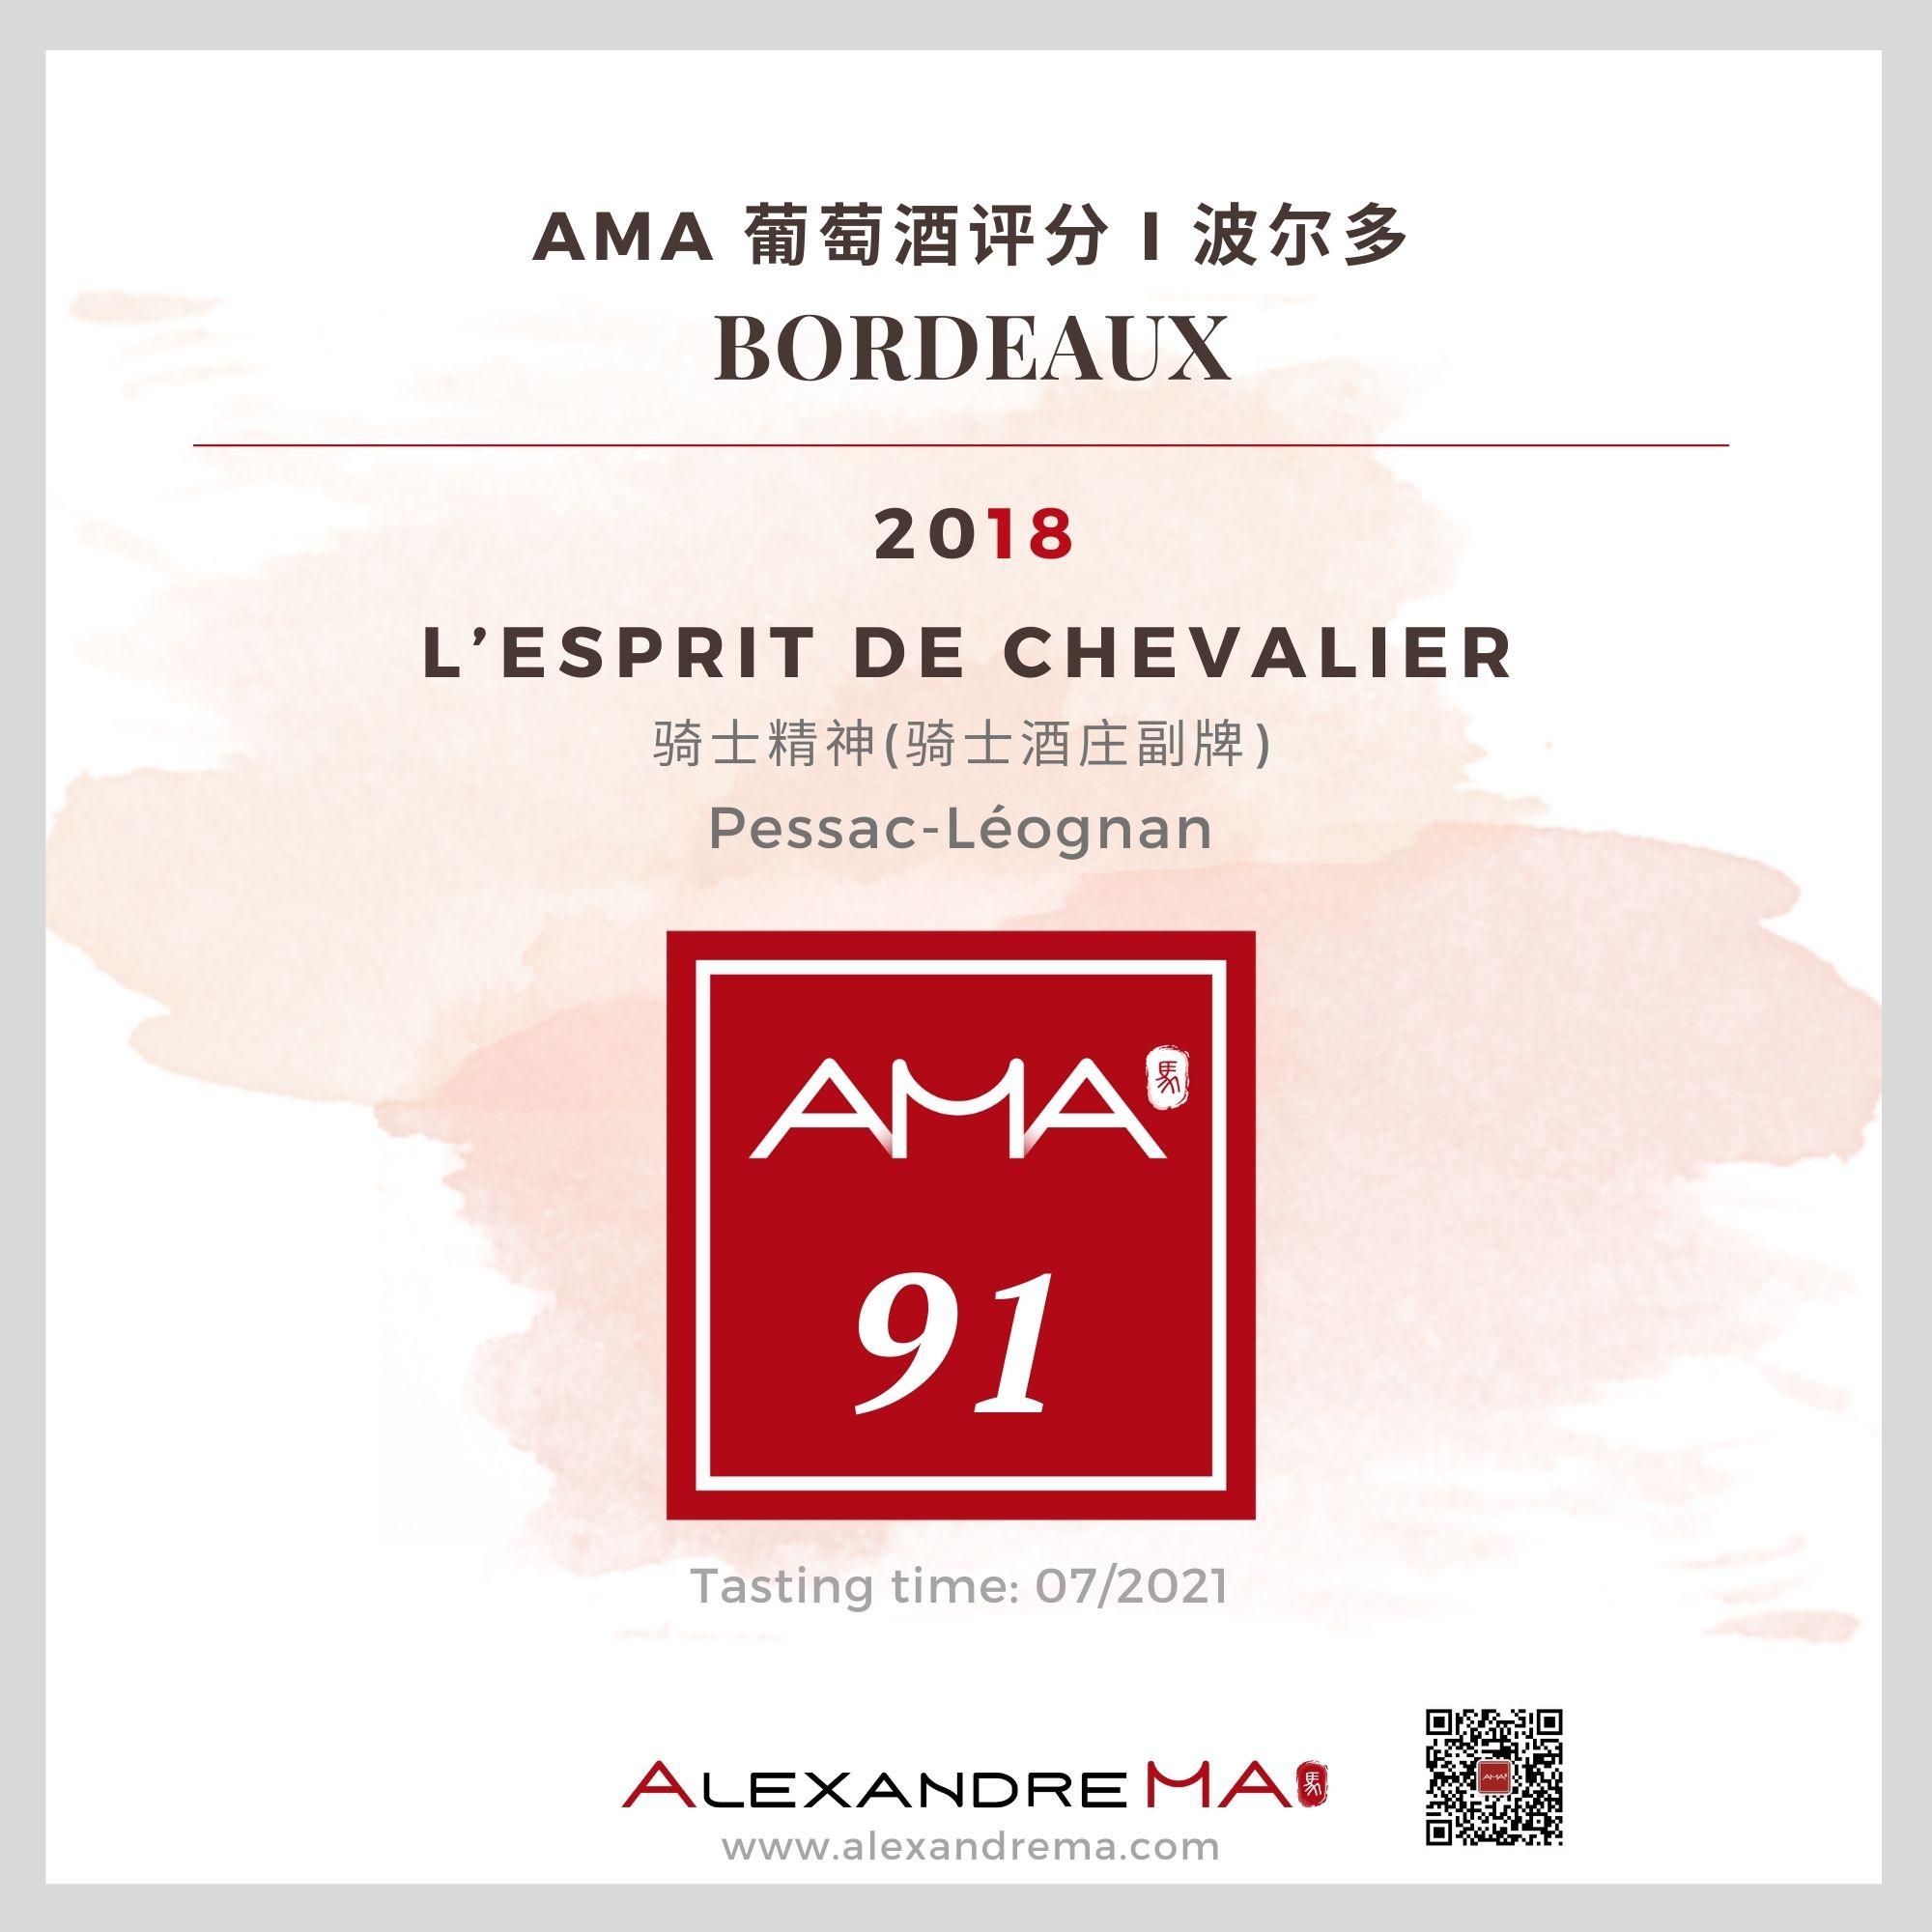 Domaine de Chevalier – L'Esprit de Chevalier 2018 - Alexandre MA